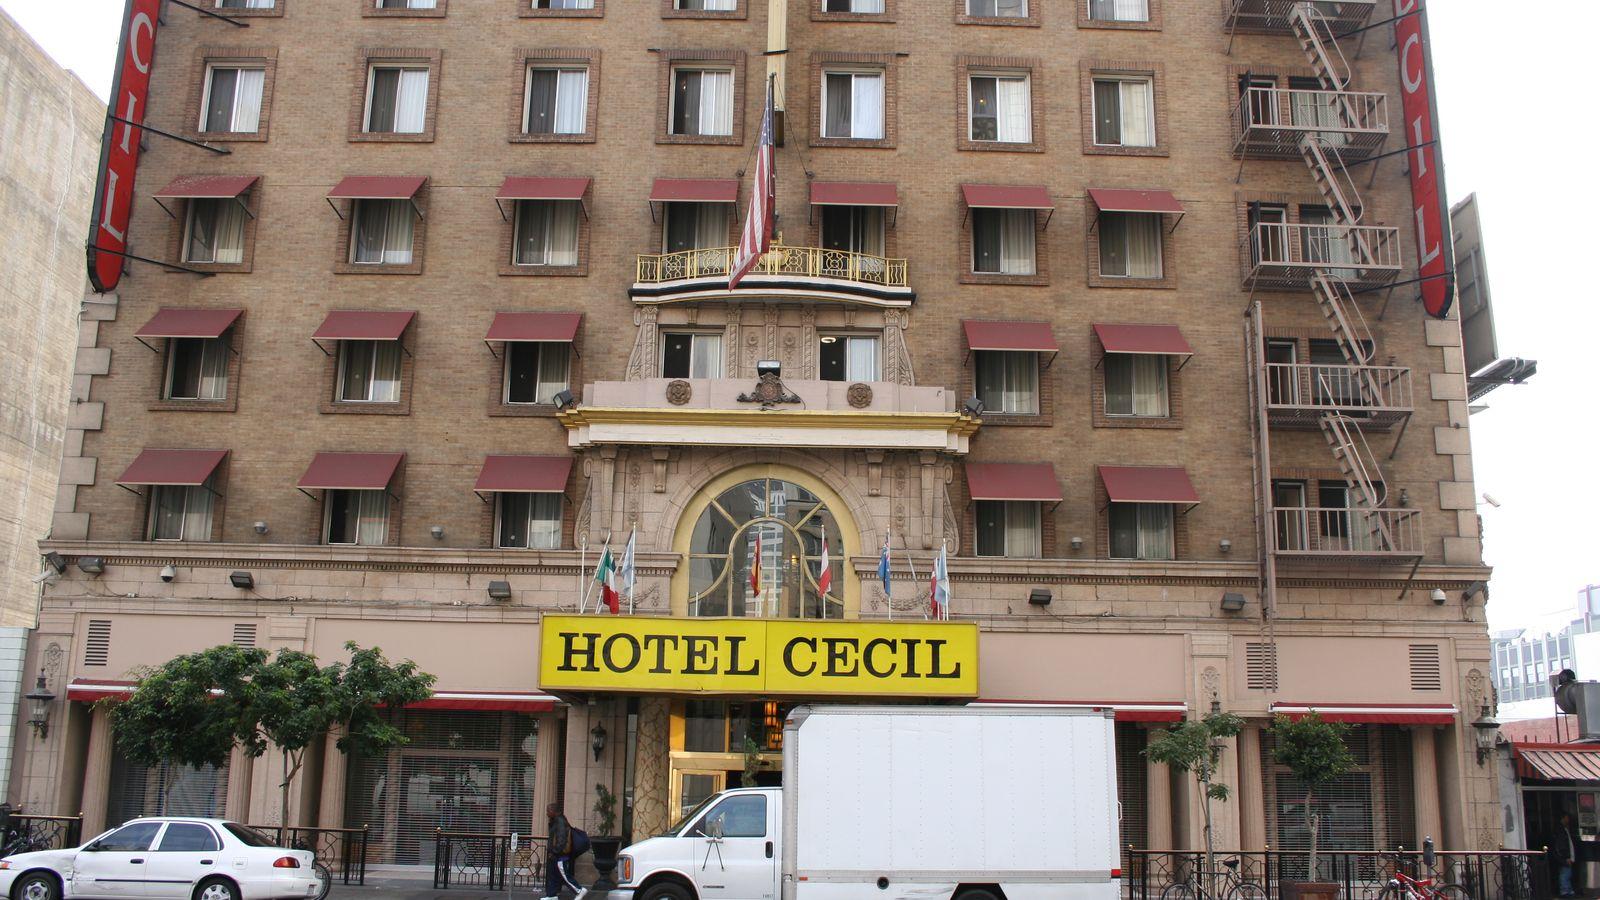 Cecil_Hotel_2C_L.A.0